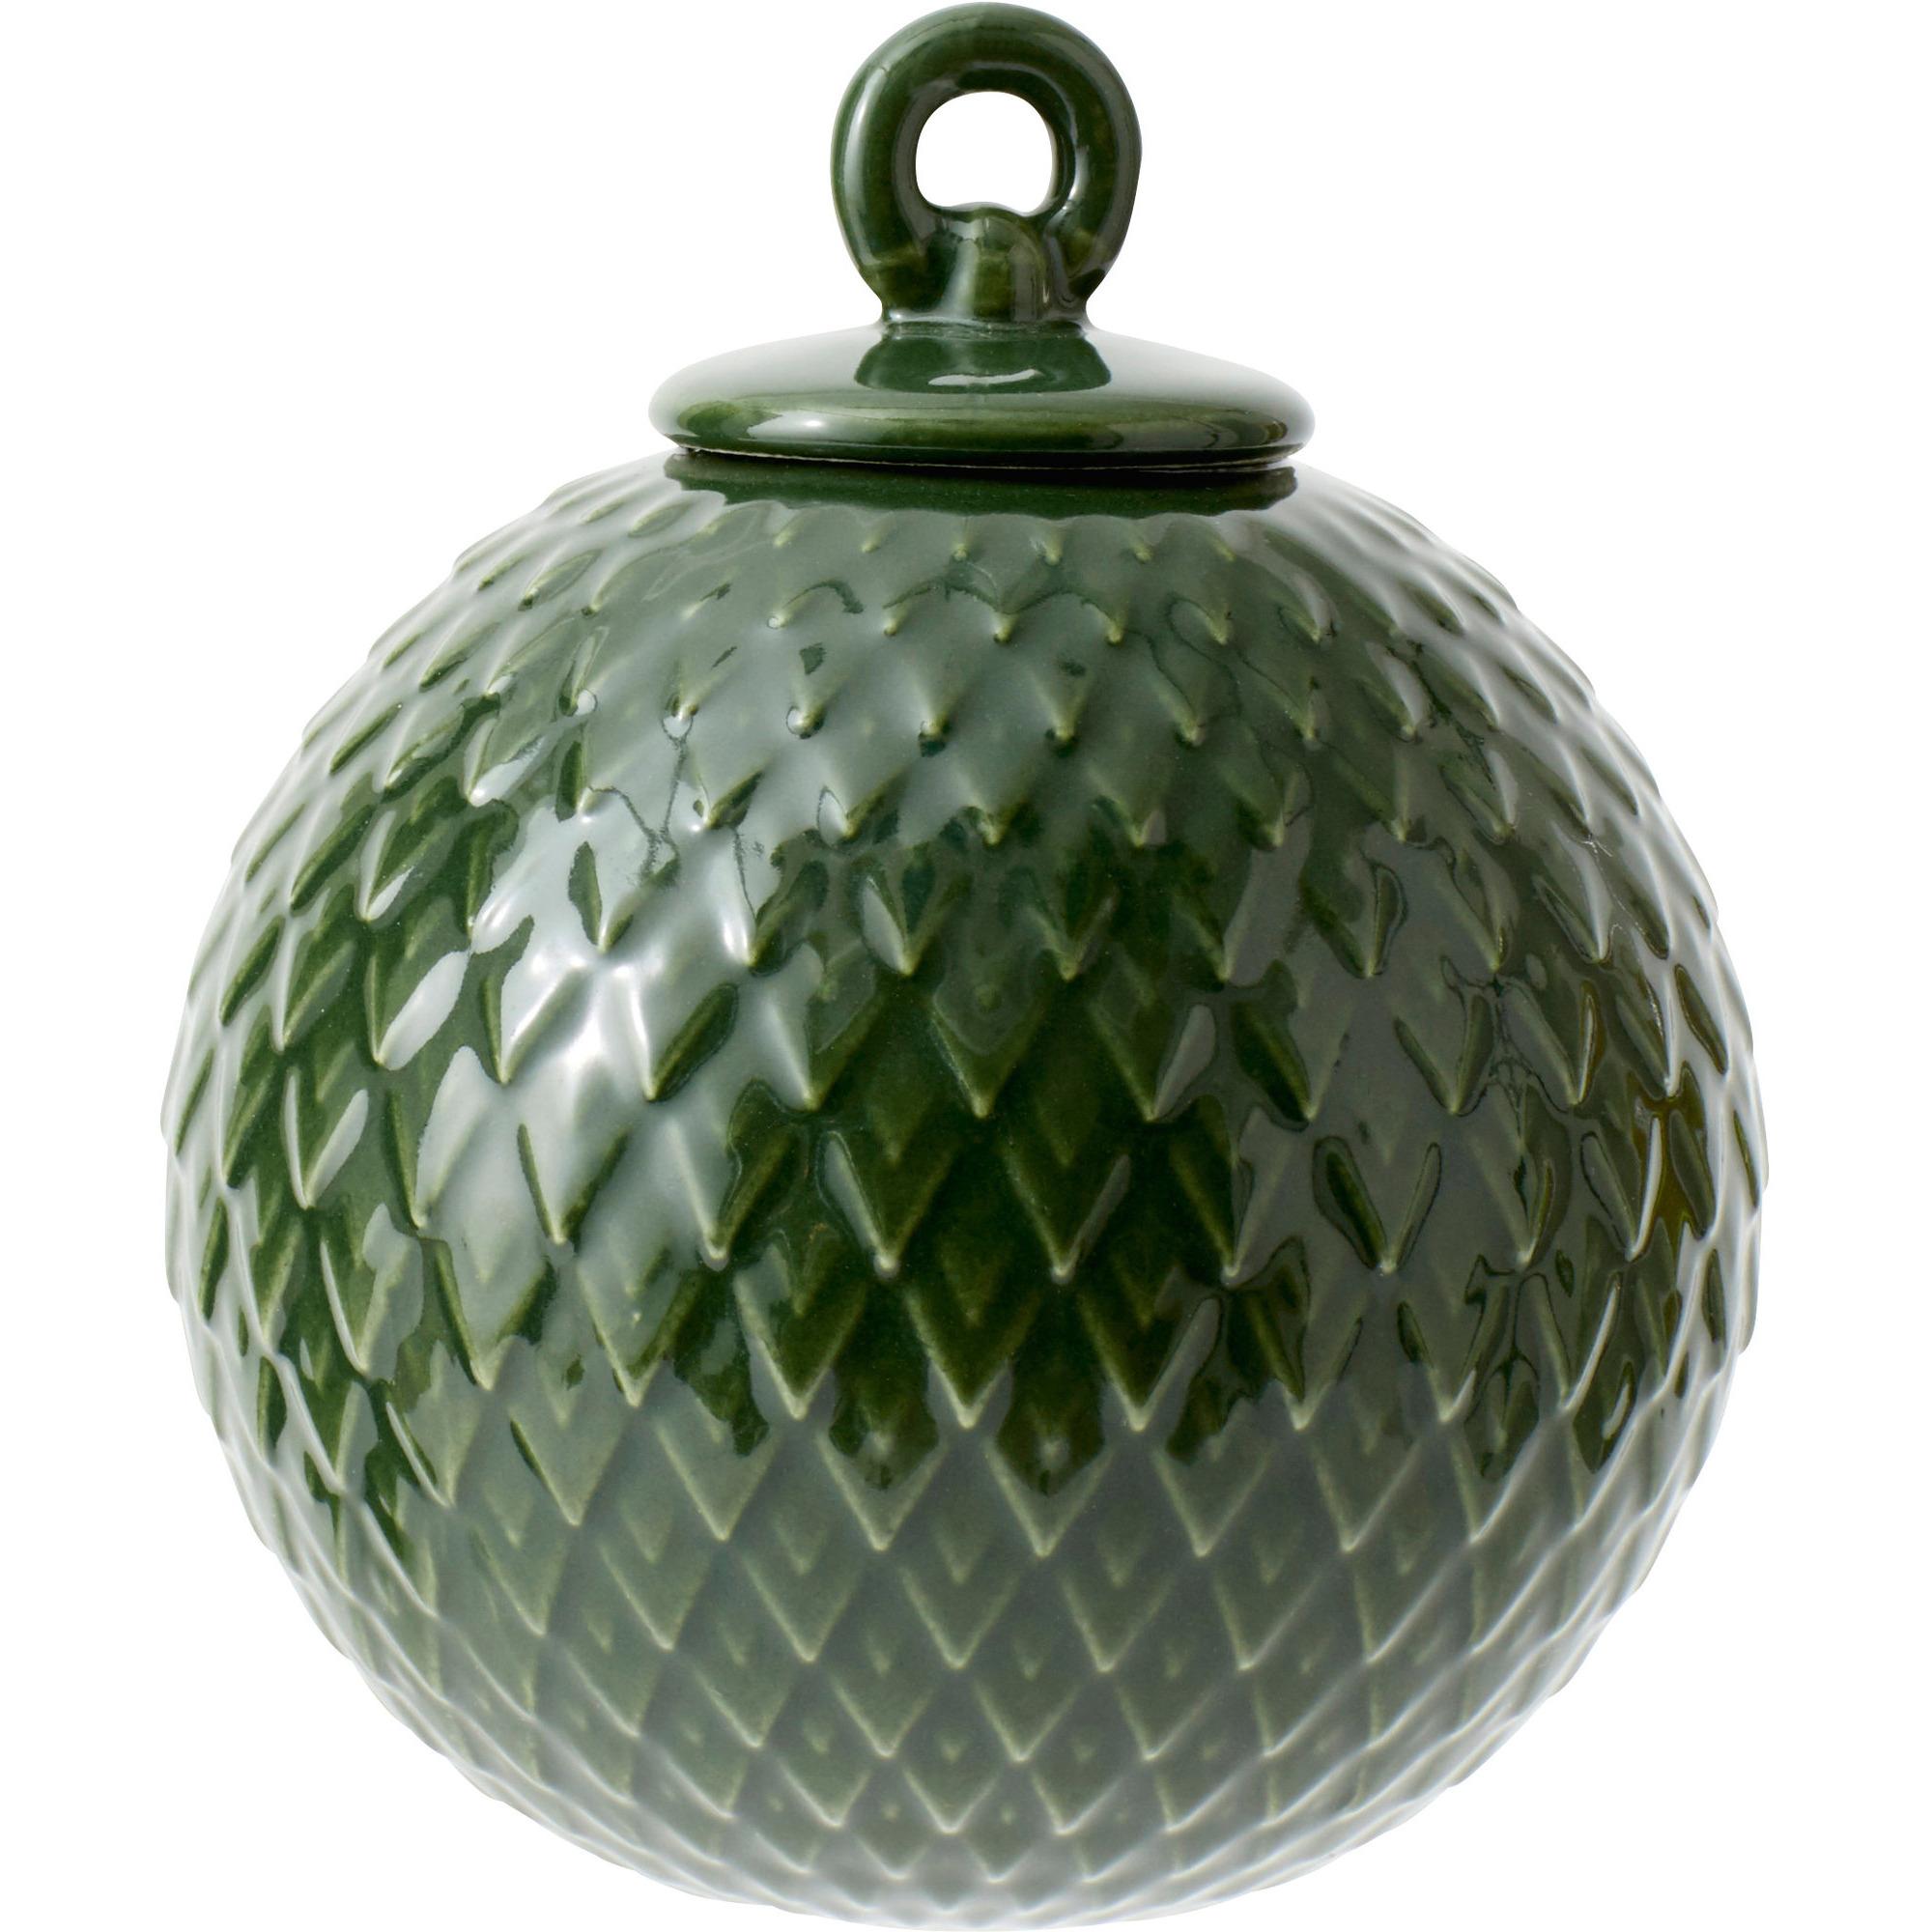 Lyngby Porcelæn Rhombe kula copenhagen grön